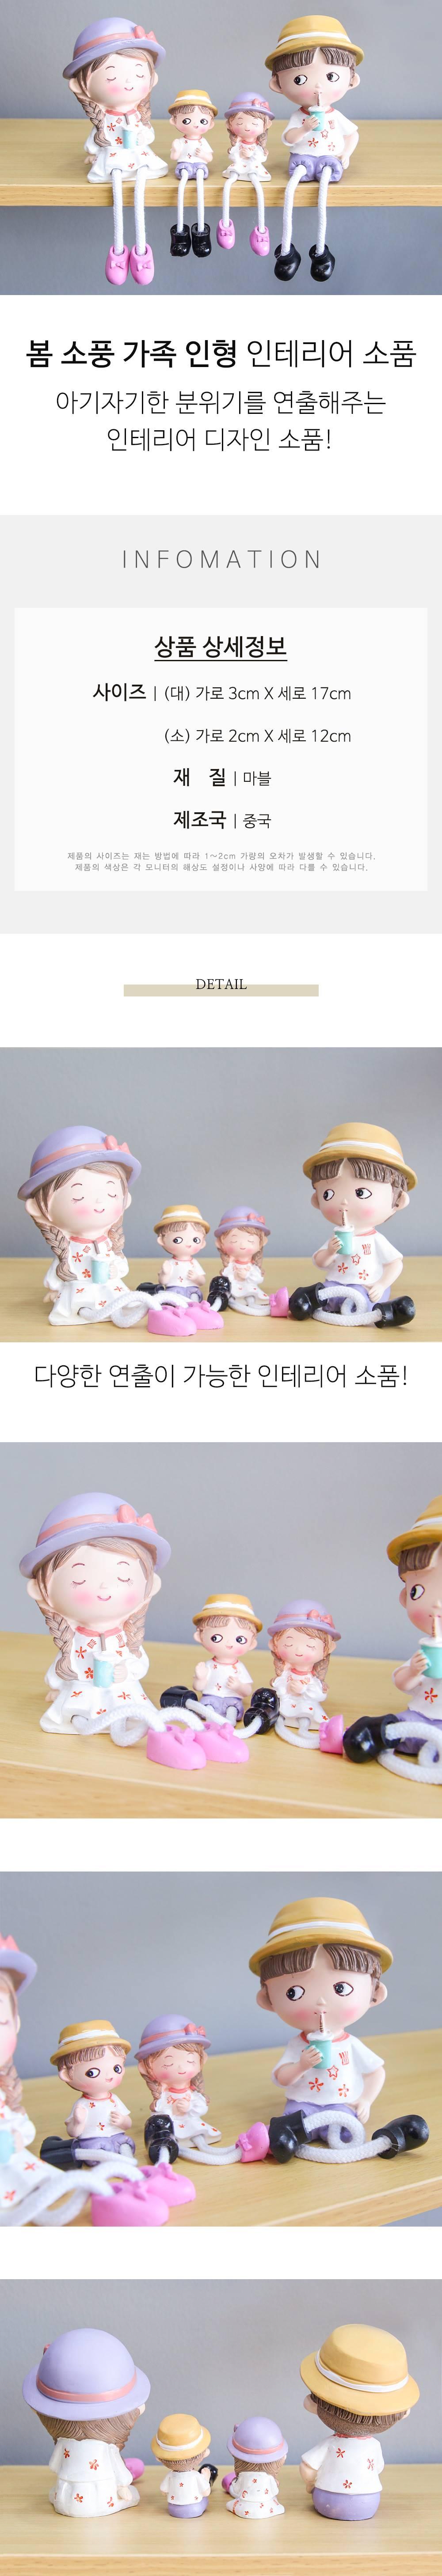 피크닉 가족 인형 인테리어 소품 장식 - 미트라샵, 46,000원, 장식소품, 도자기류